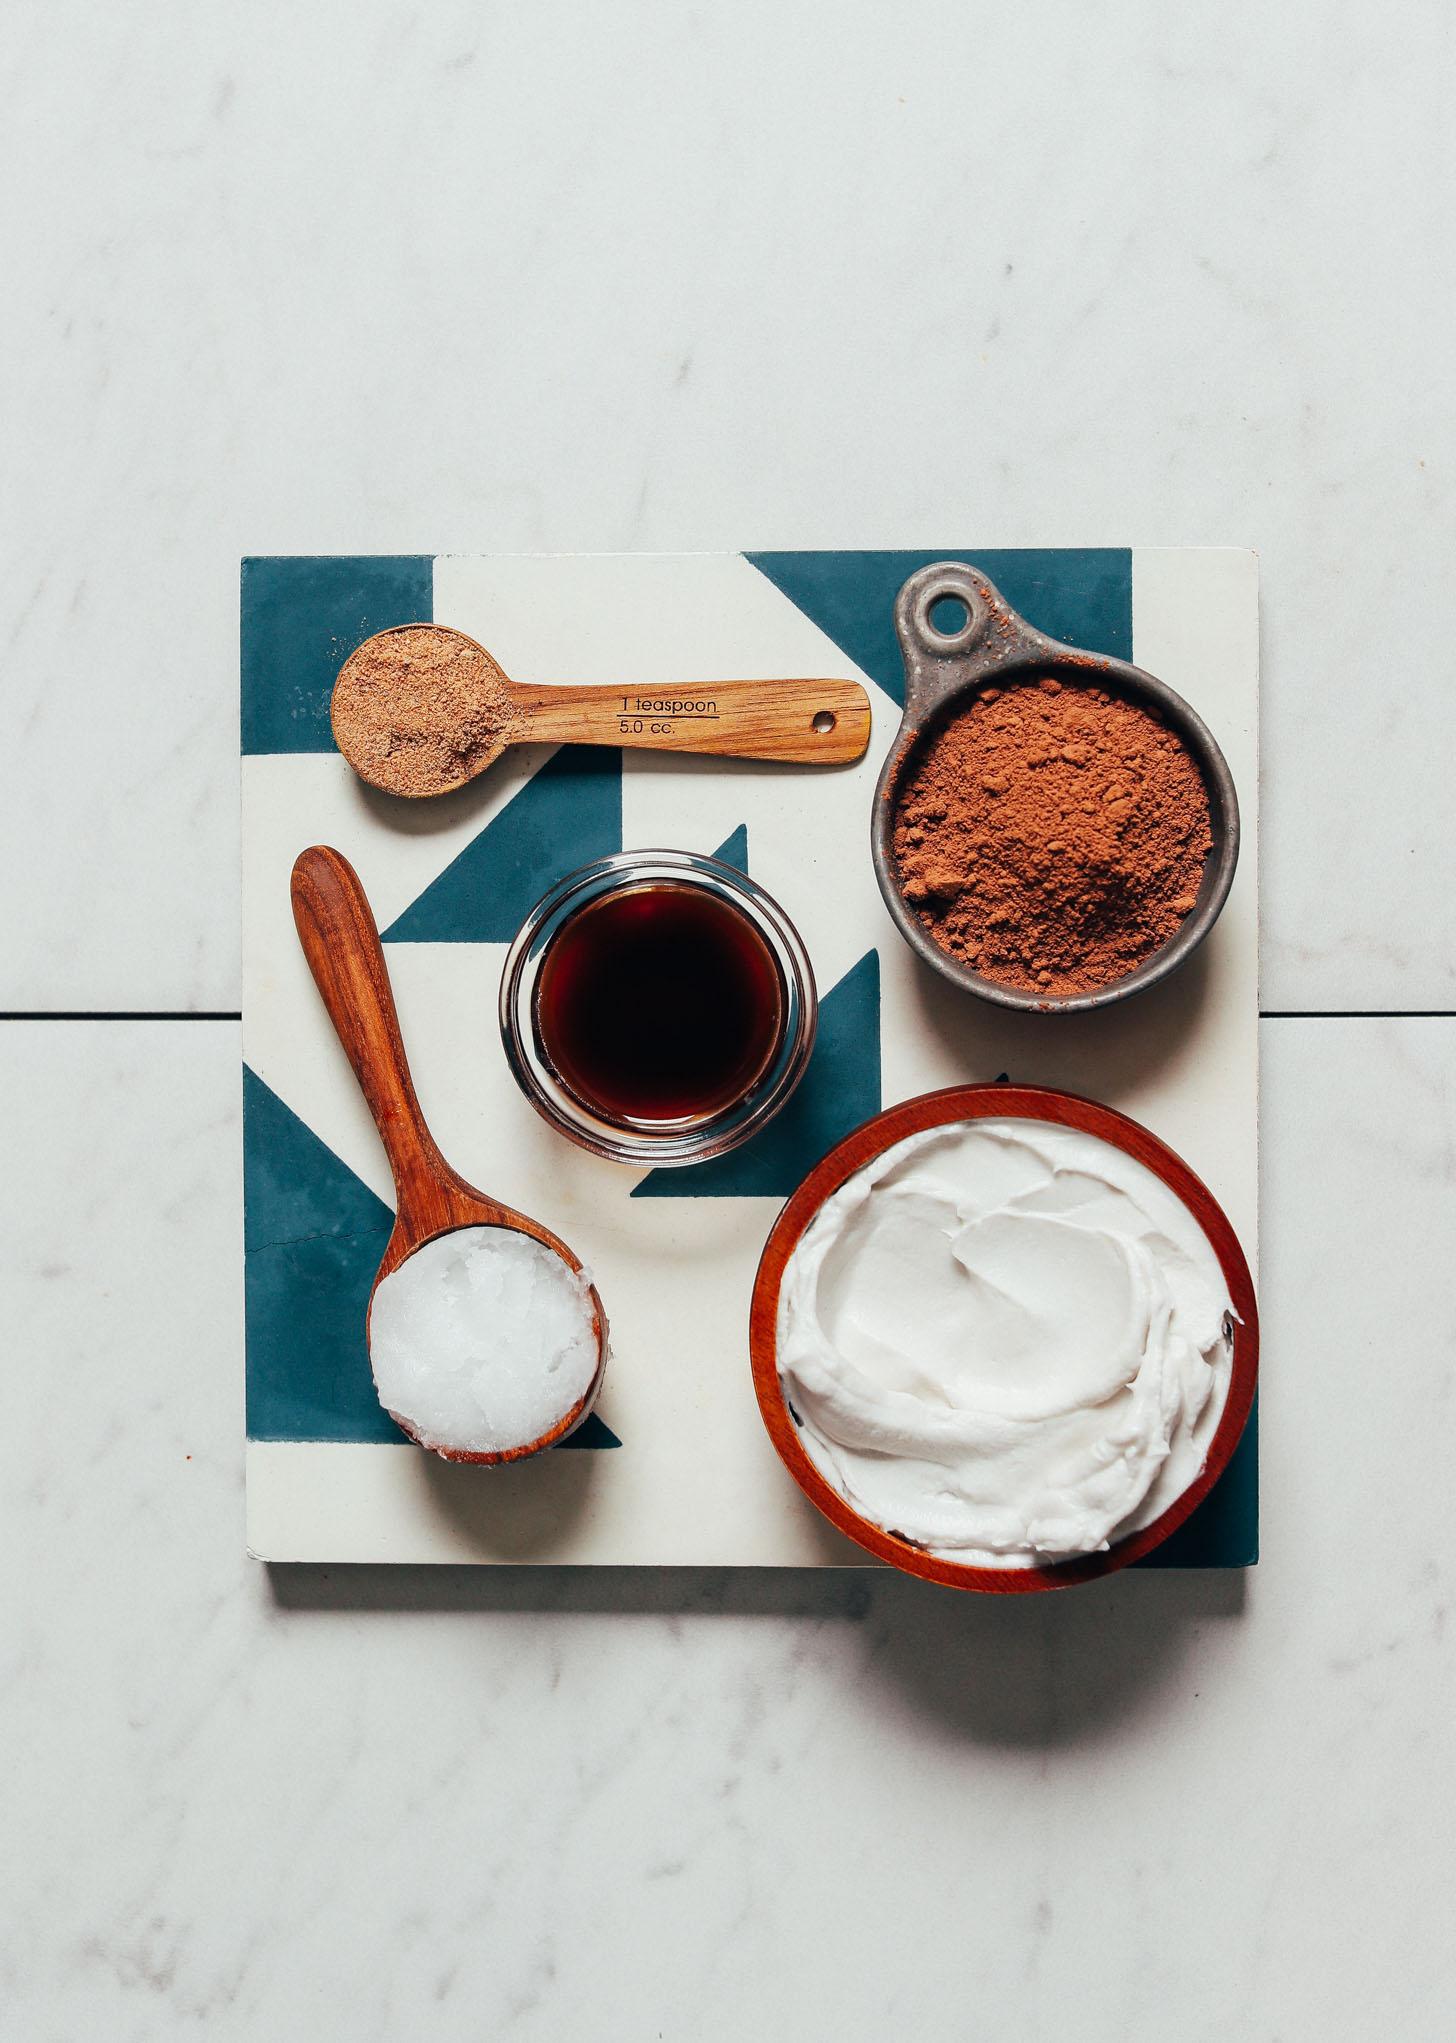 Kokoscreme, Kakaopulver, Kokosöl und andere Zutaten für unser hausgemachtes veganes Milchschokoladenrezept